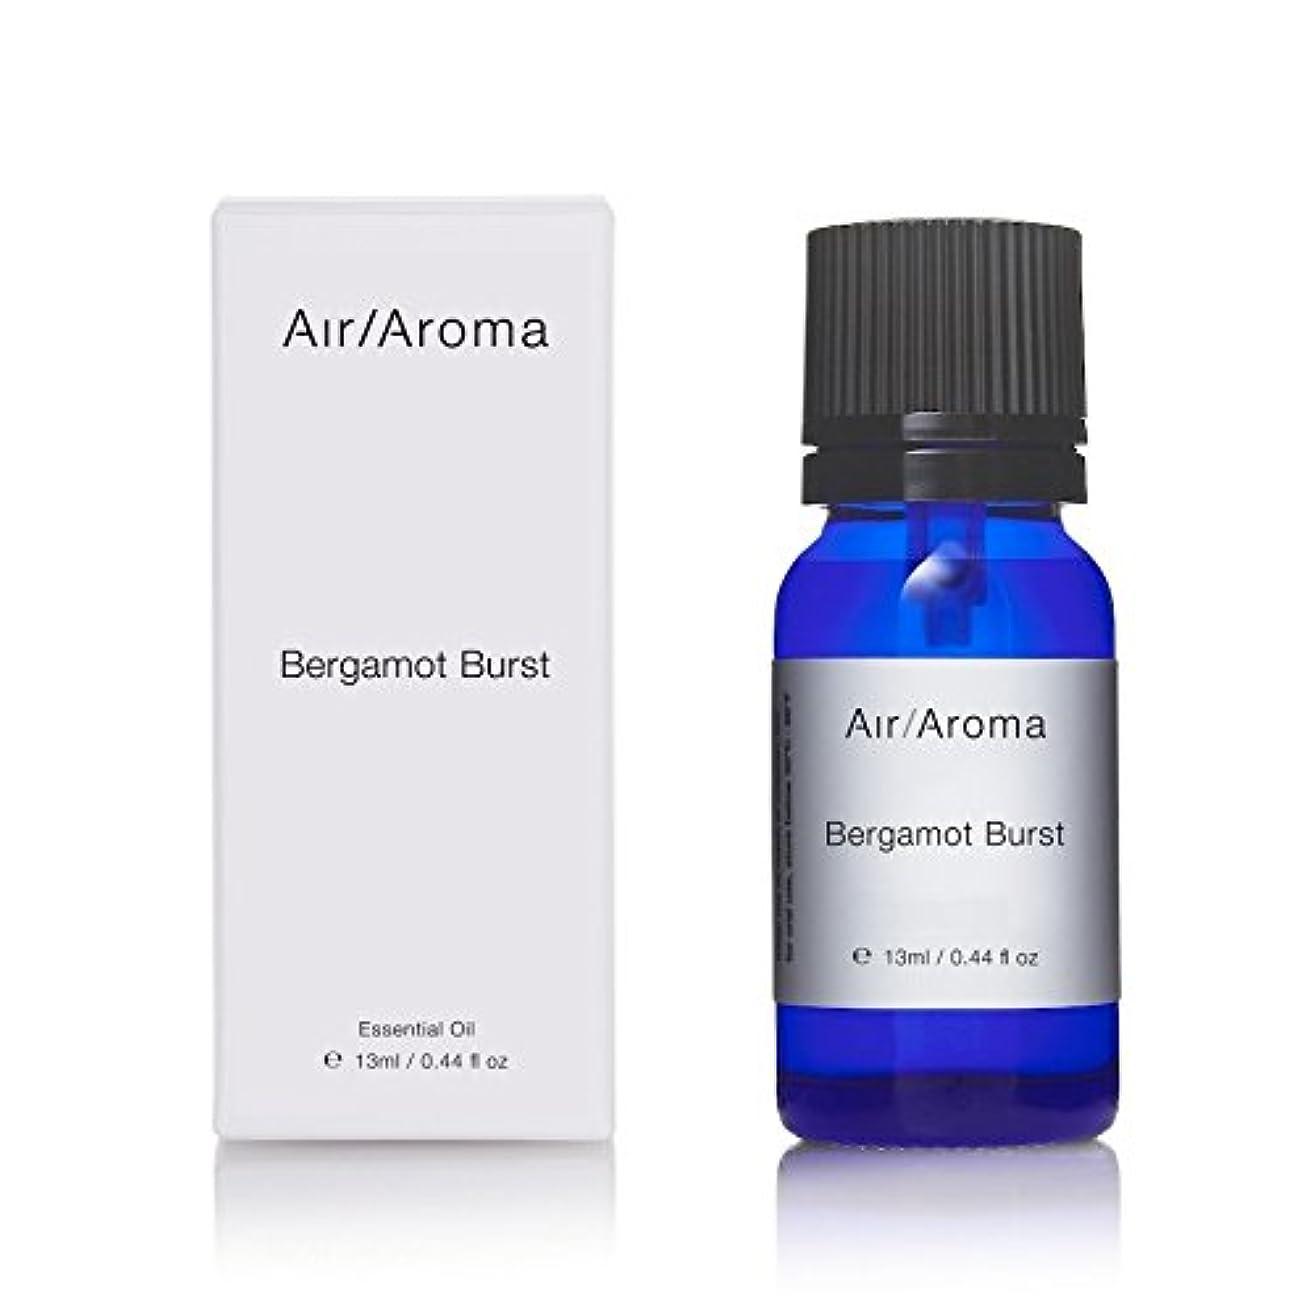 カップ入る独裁エアアロマ bergamot burst (ベルガモットバースト) 13ml